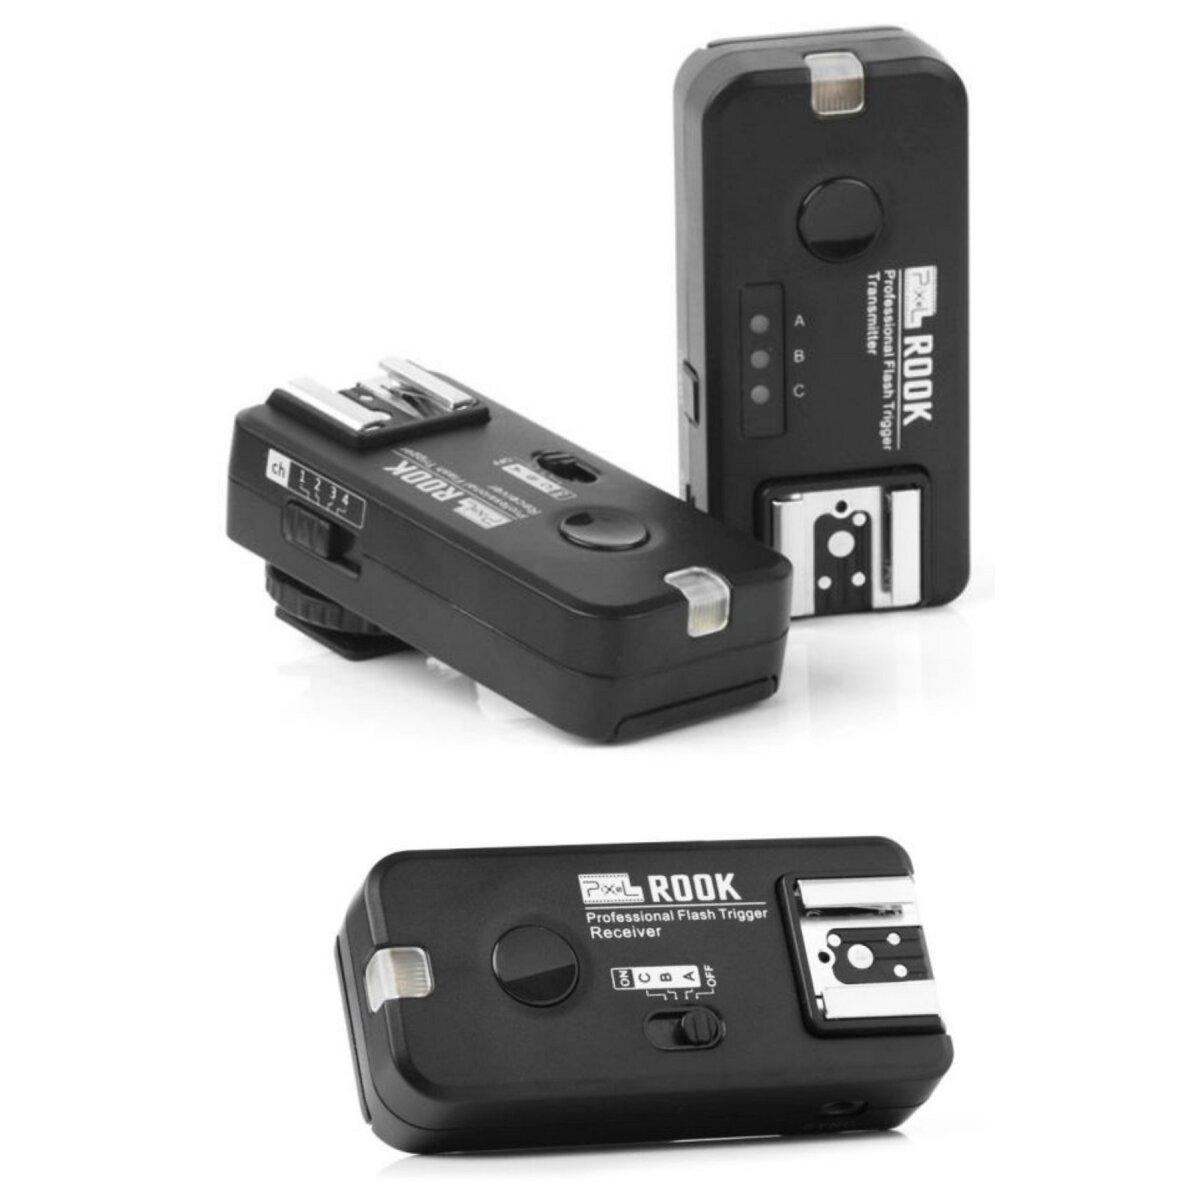 Pixel Rook Funk Blitzauslöser Set mit 2 Empfängern bis 200m kompatibel mit Nikon DSLR & Nikon TTL Blitzgeräte – Gruppierung & Wake-Up Funktion